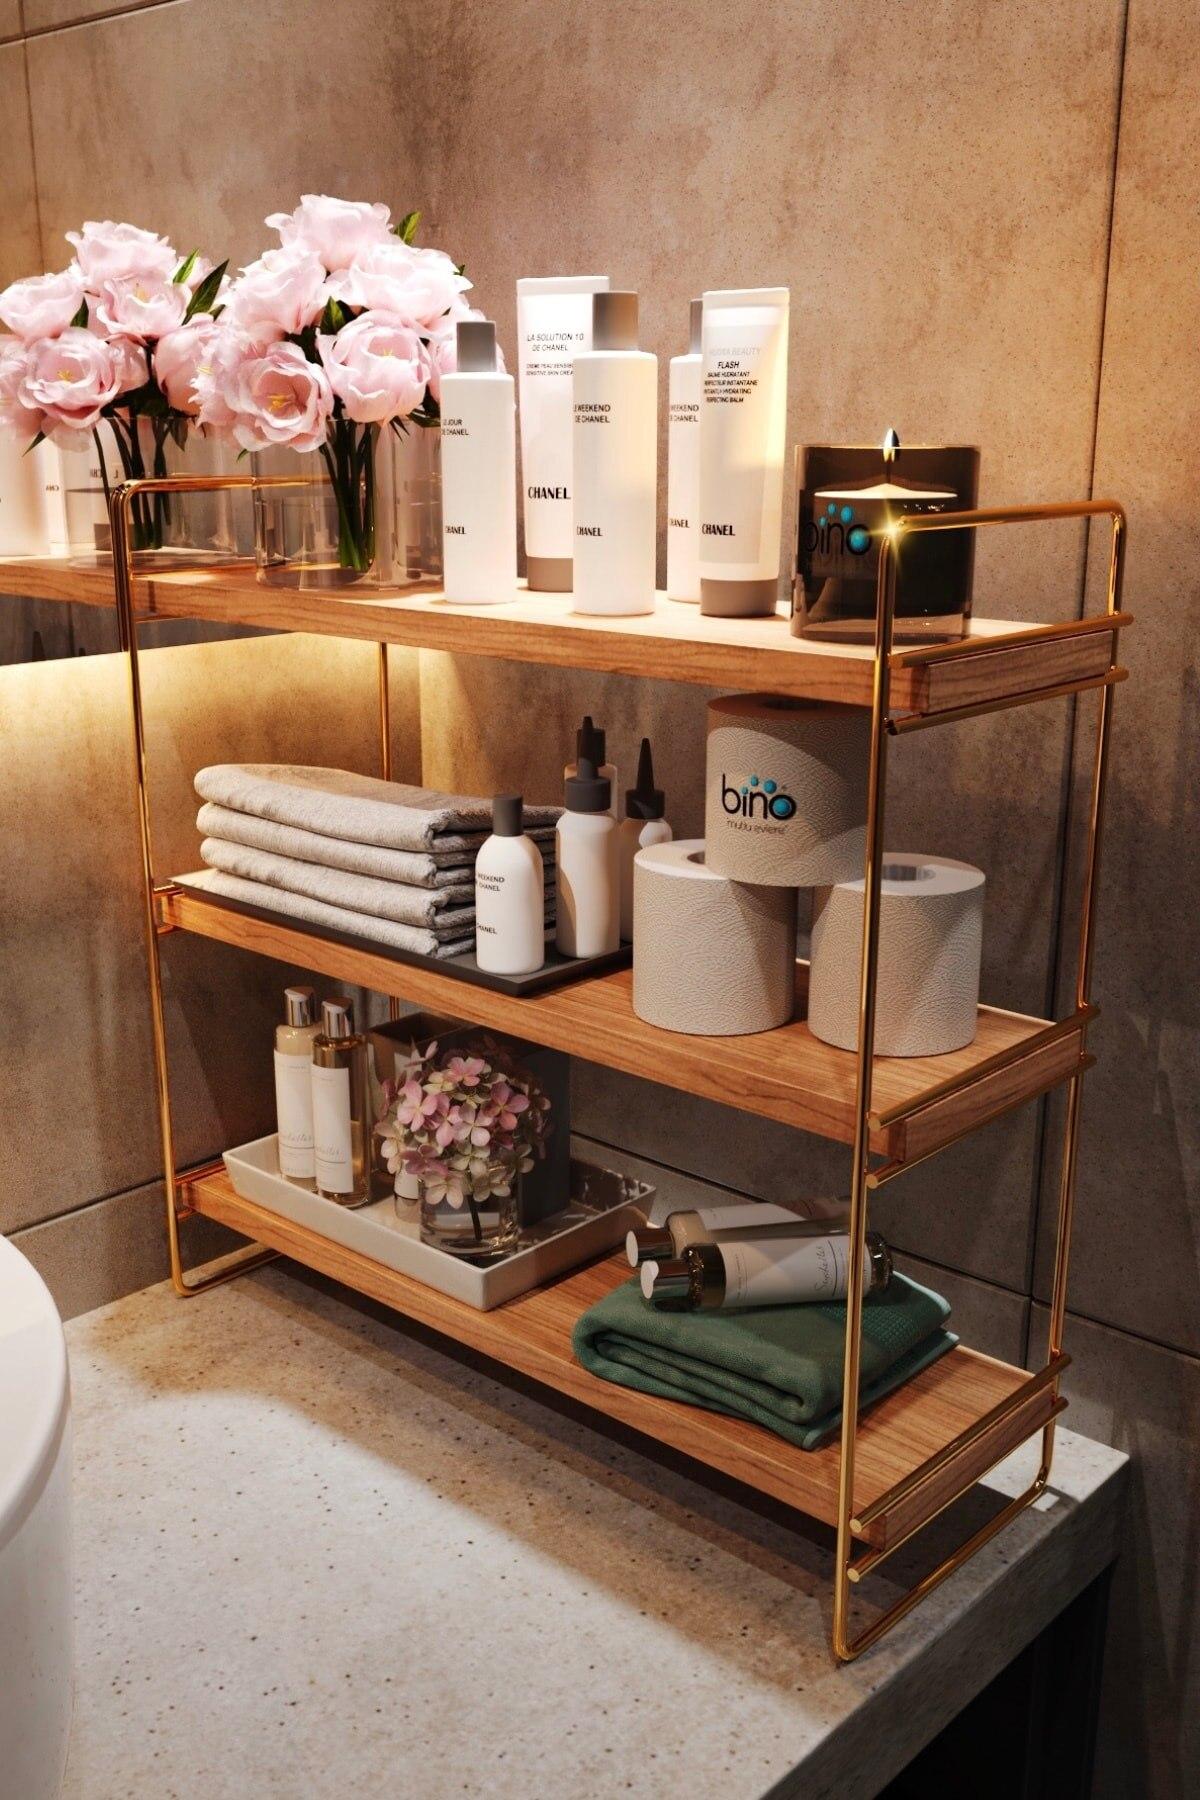 Cozinha-banheiro Organizador Prateleira-estante